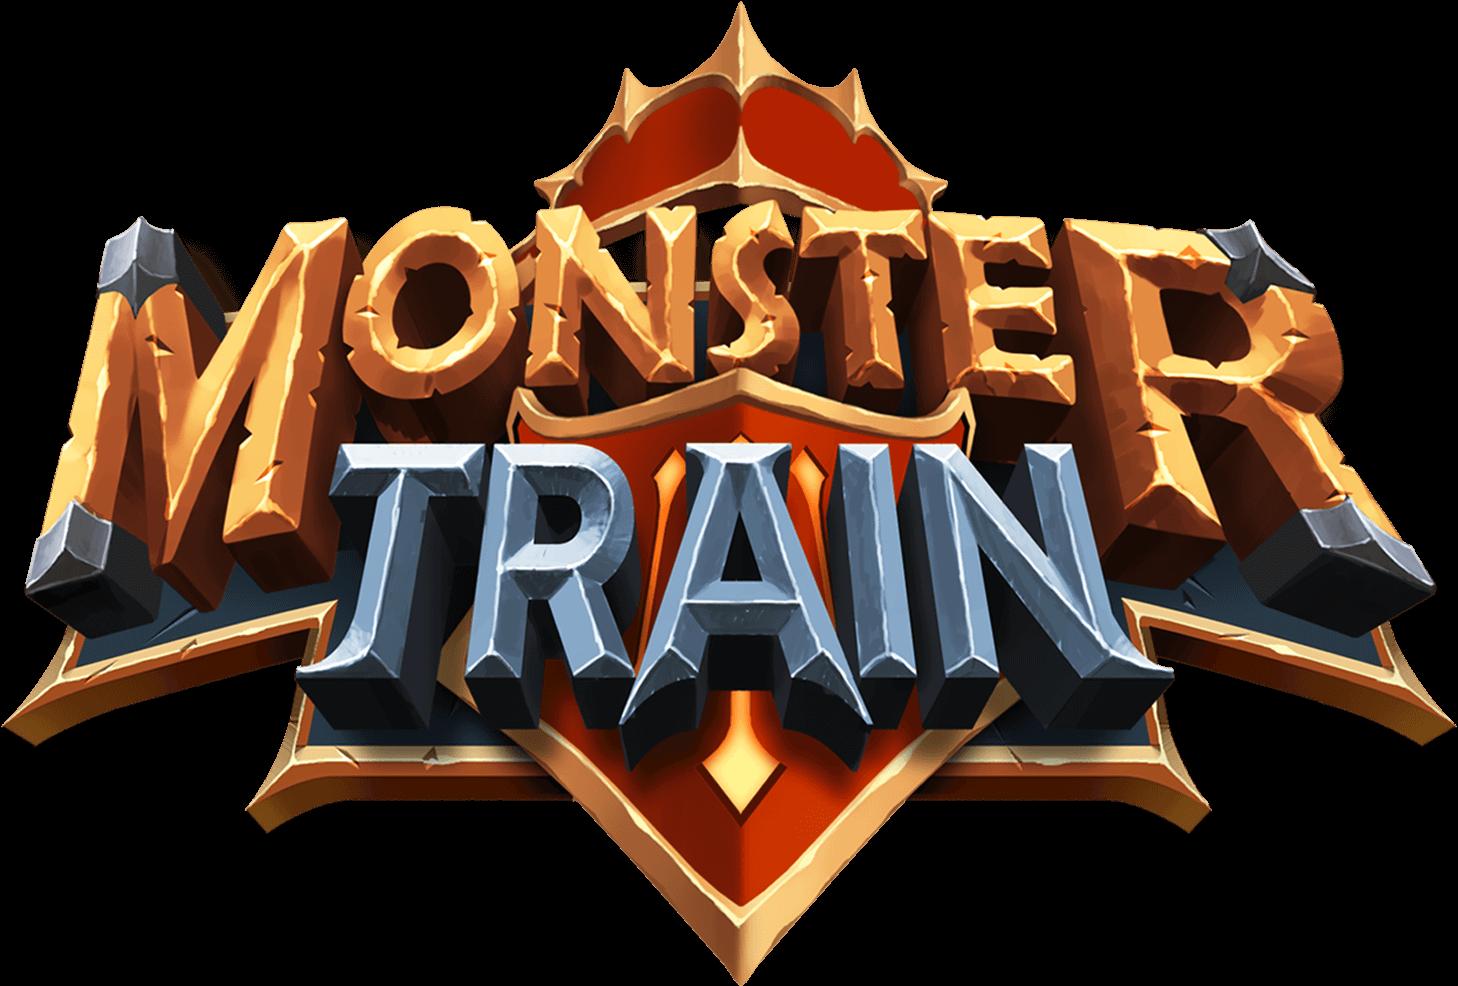 Monster Train's logo